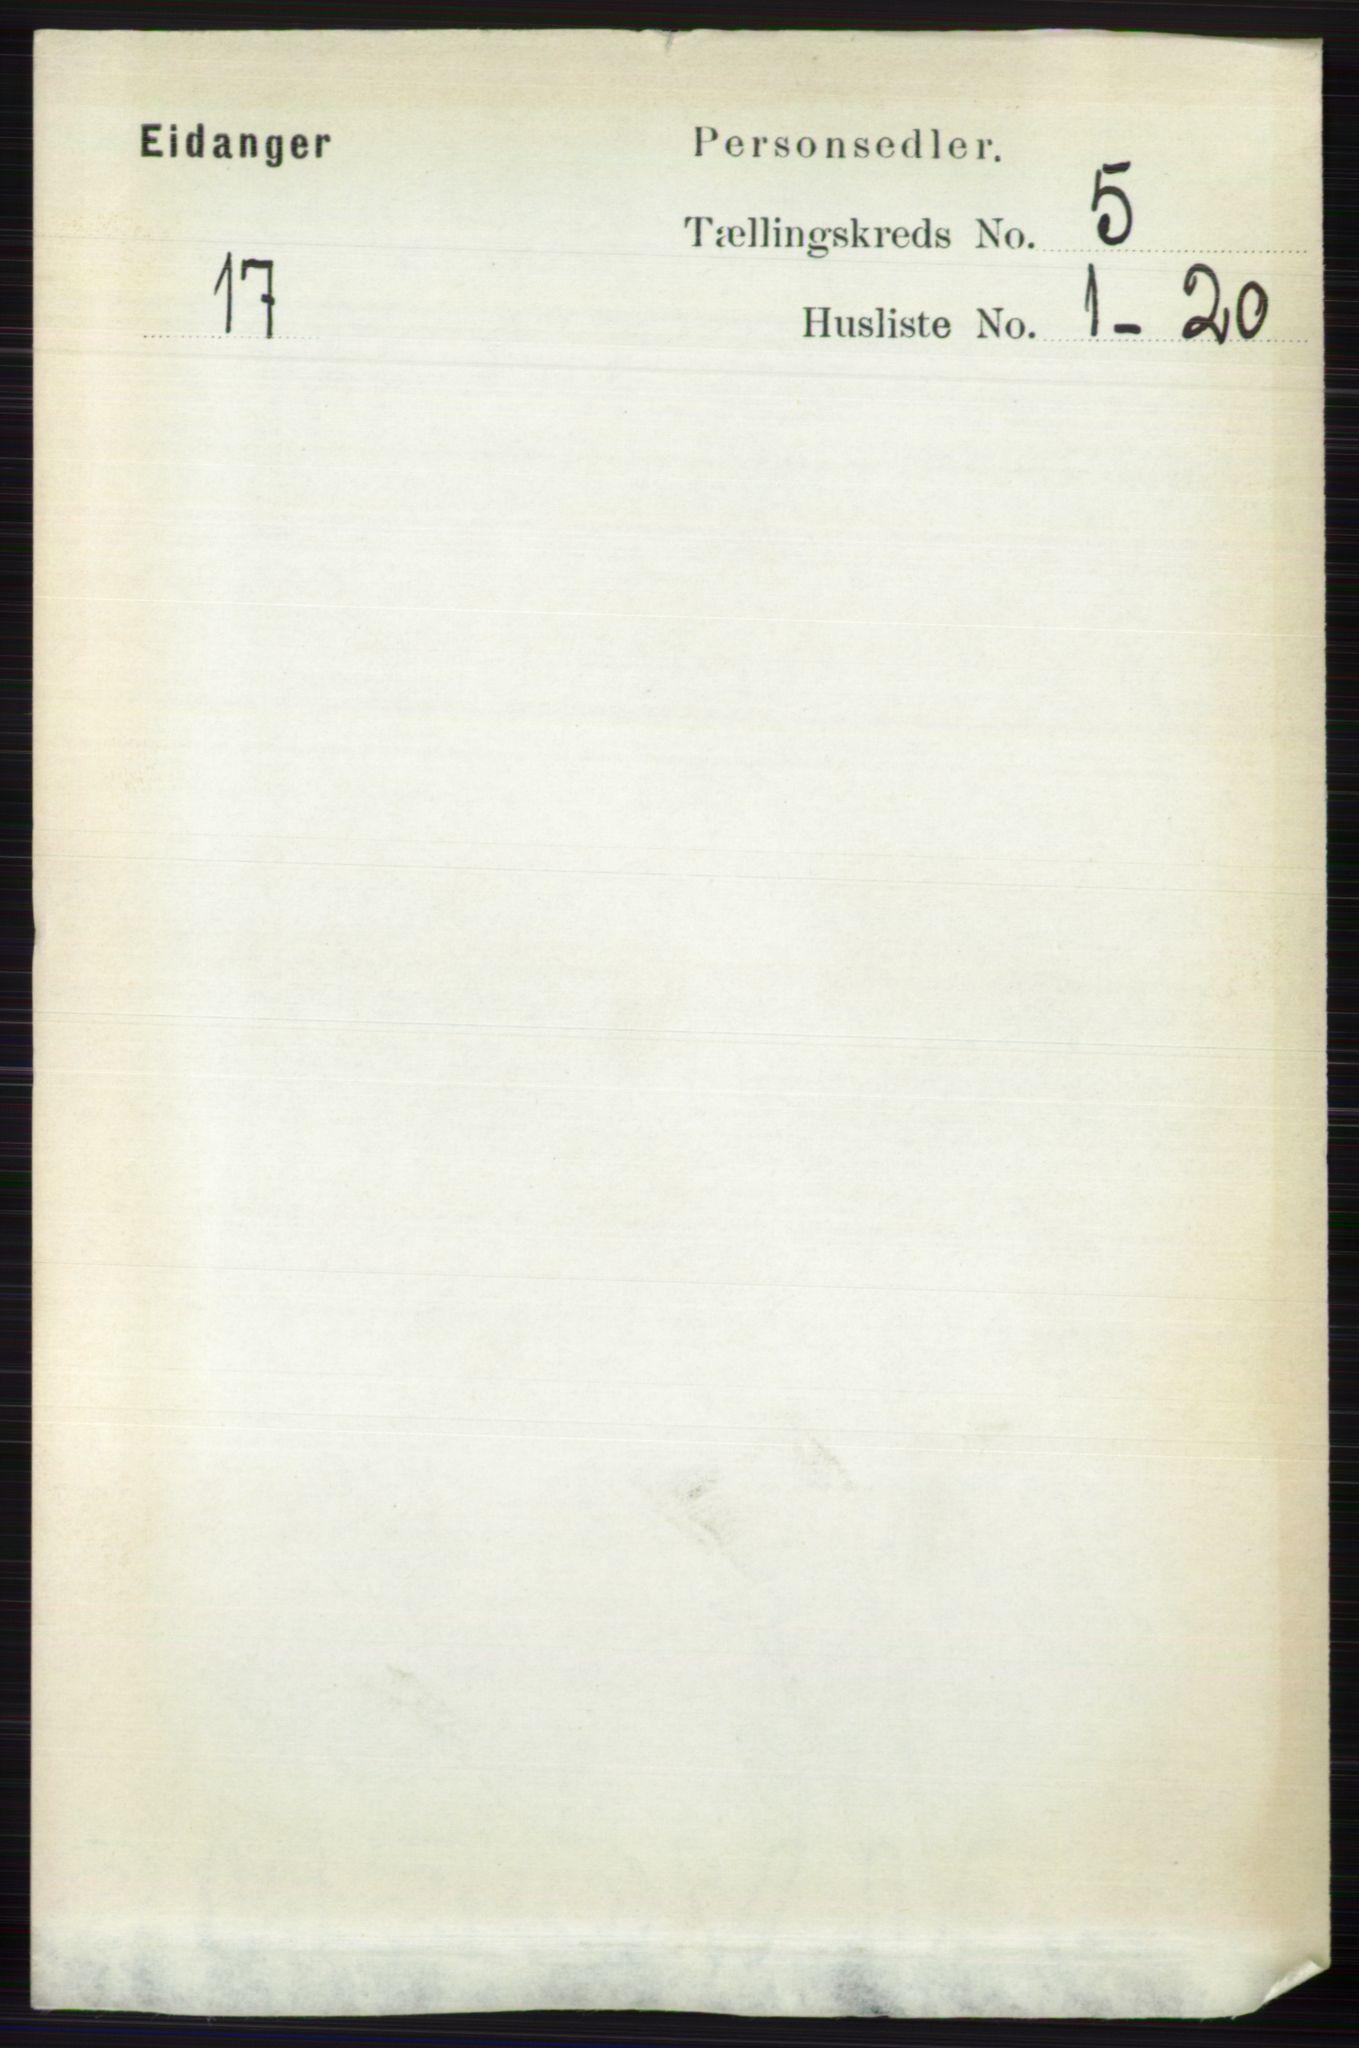 RA, Folketelling 1891 for 0813 Eidanger herred, 1891, s. 2270